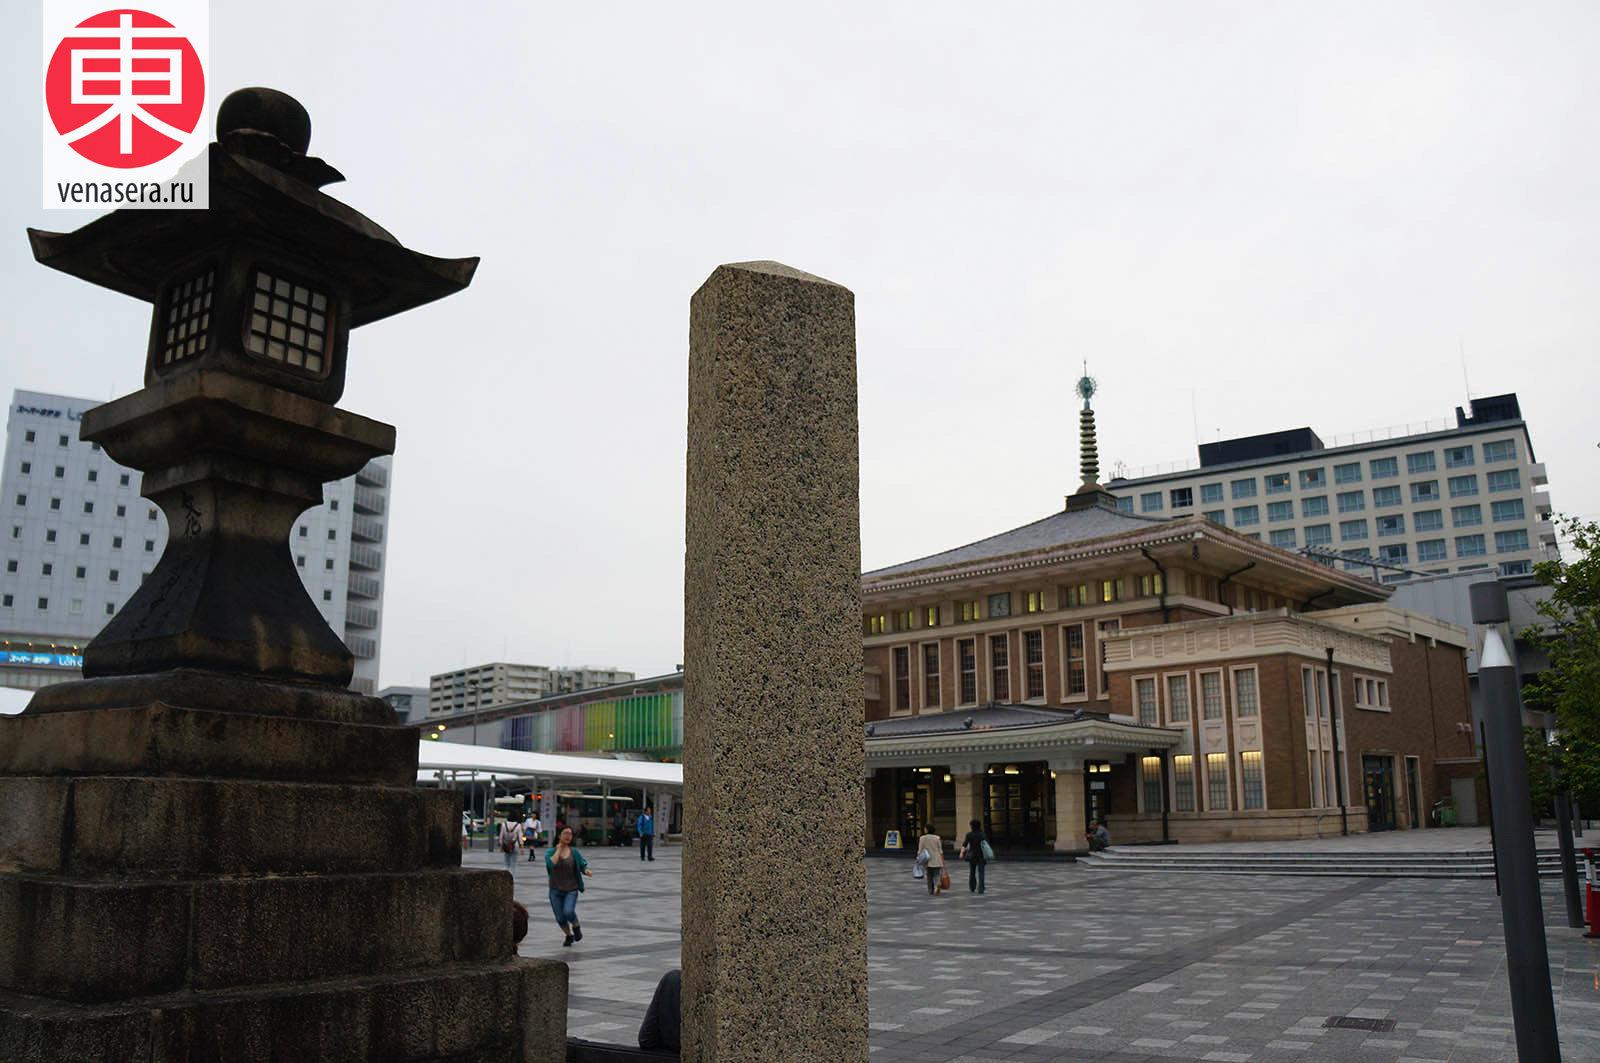 Поездка в Нара, Станция Нара, Станция JR Nara, Нара, Nara, 奈良, Япония, Japan, 日本.